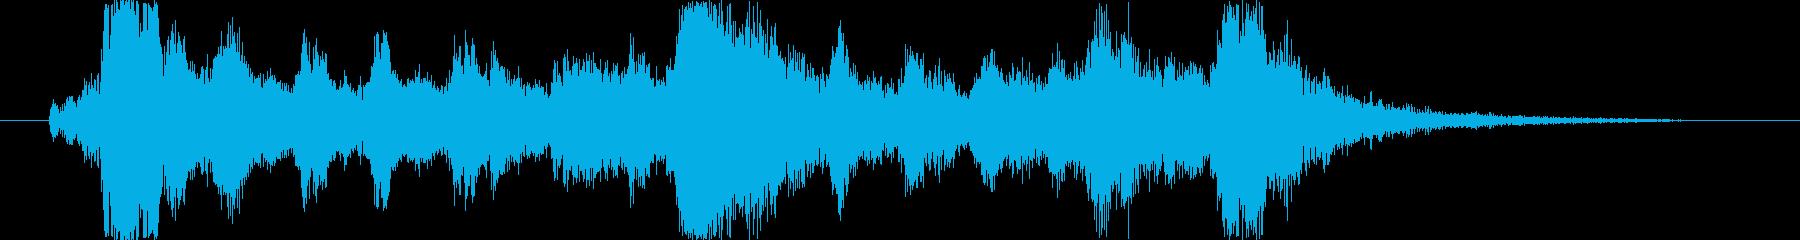 交響曲風なインパクトのある勇ましい曲の再生済みの波形